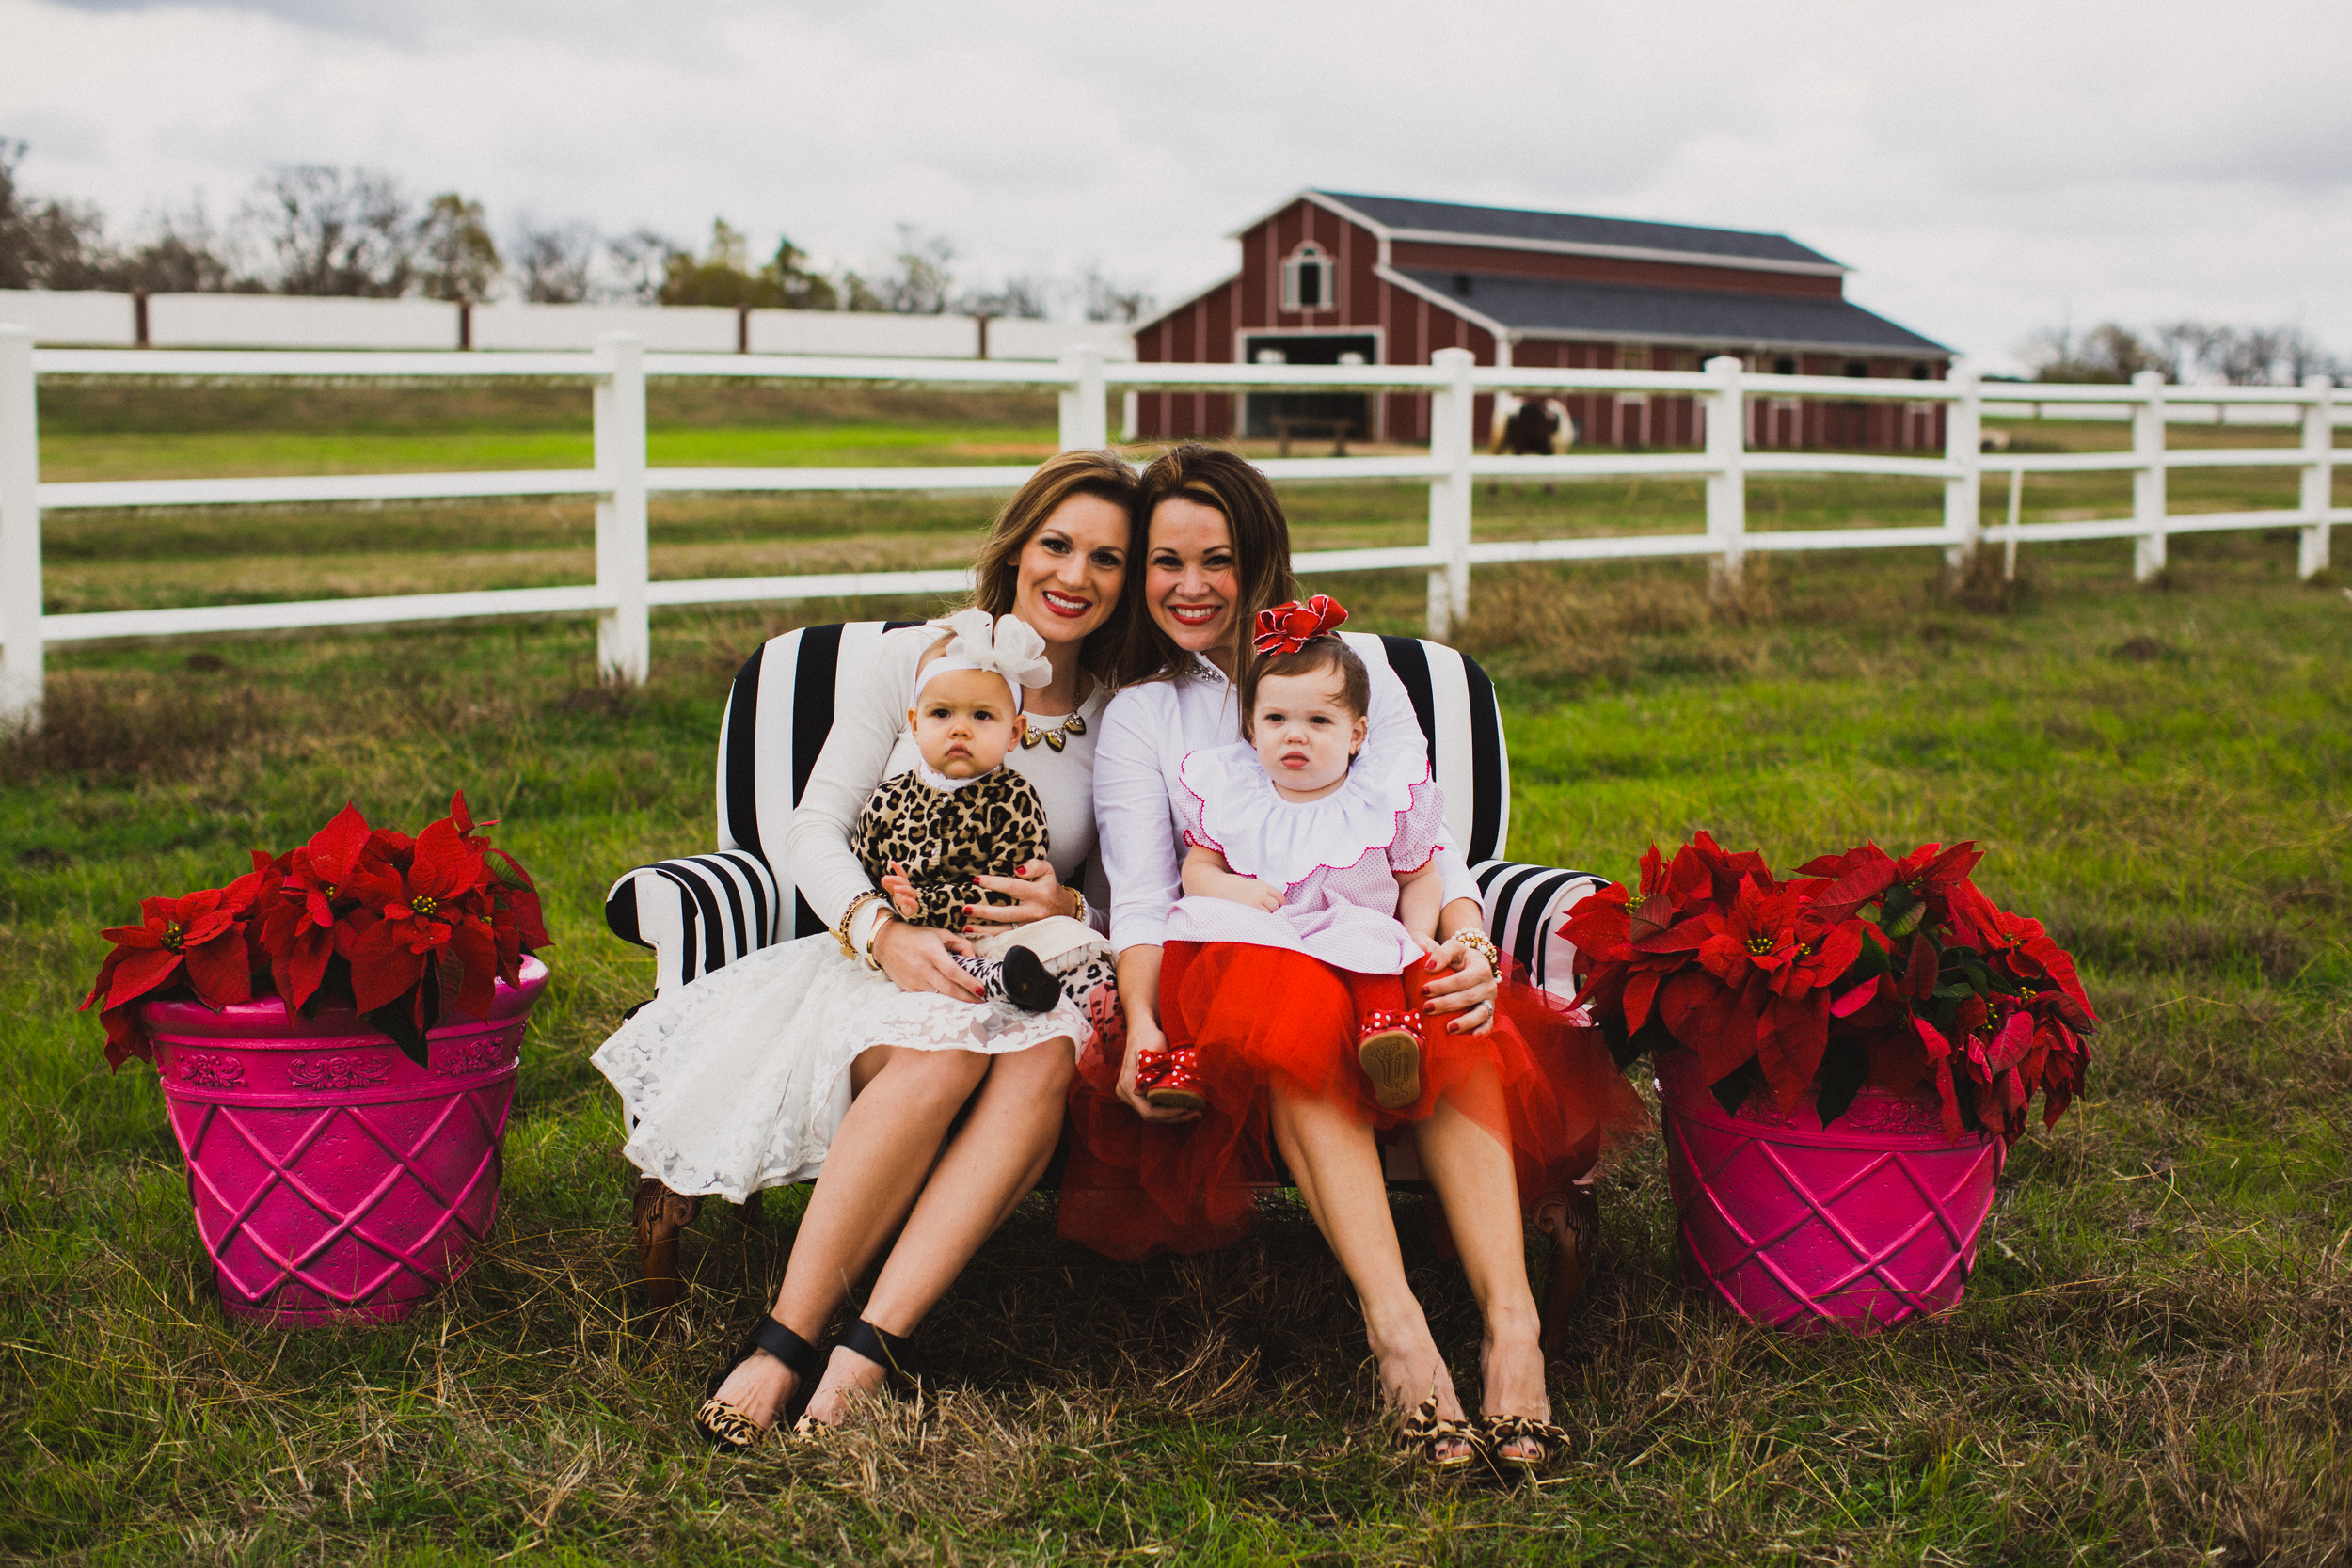 houstonfamilyphotographer-h2014-greer-greerfam-83.jpg